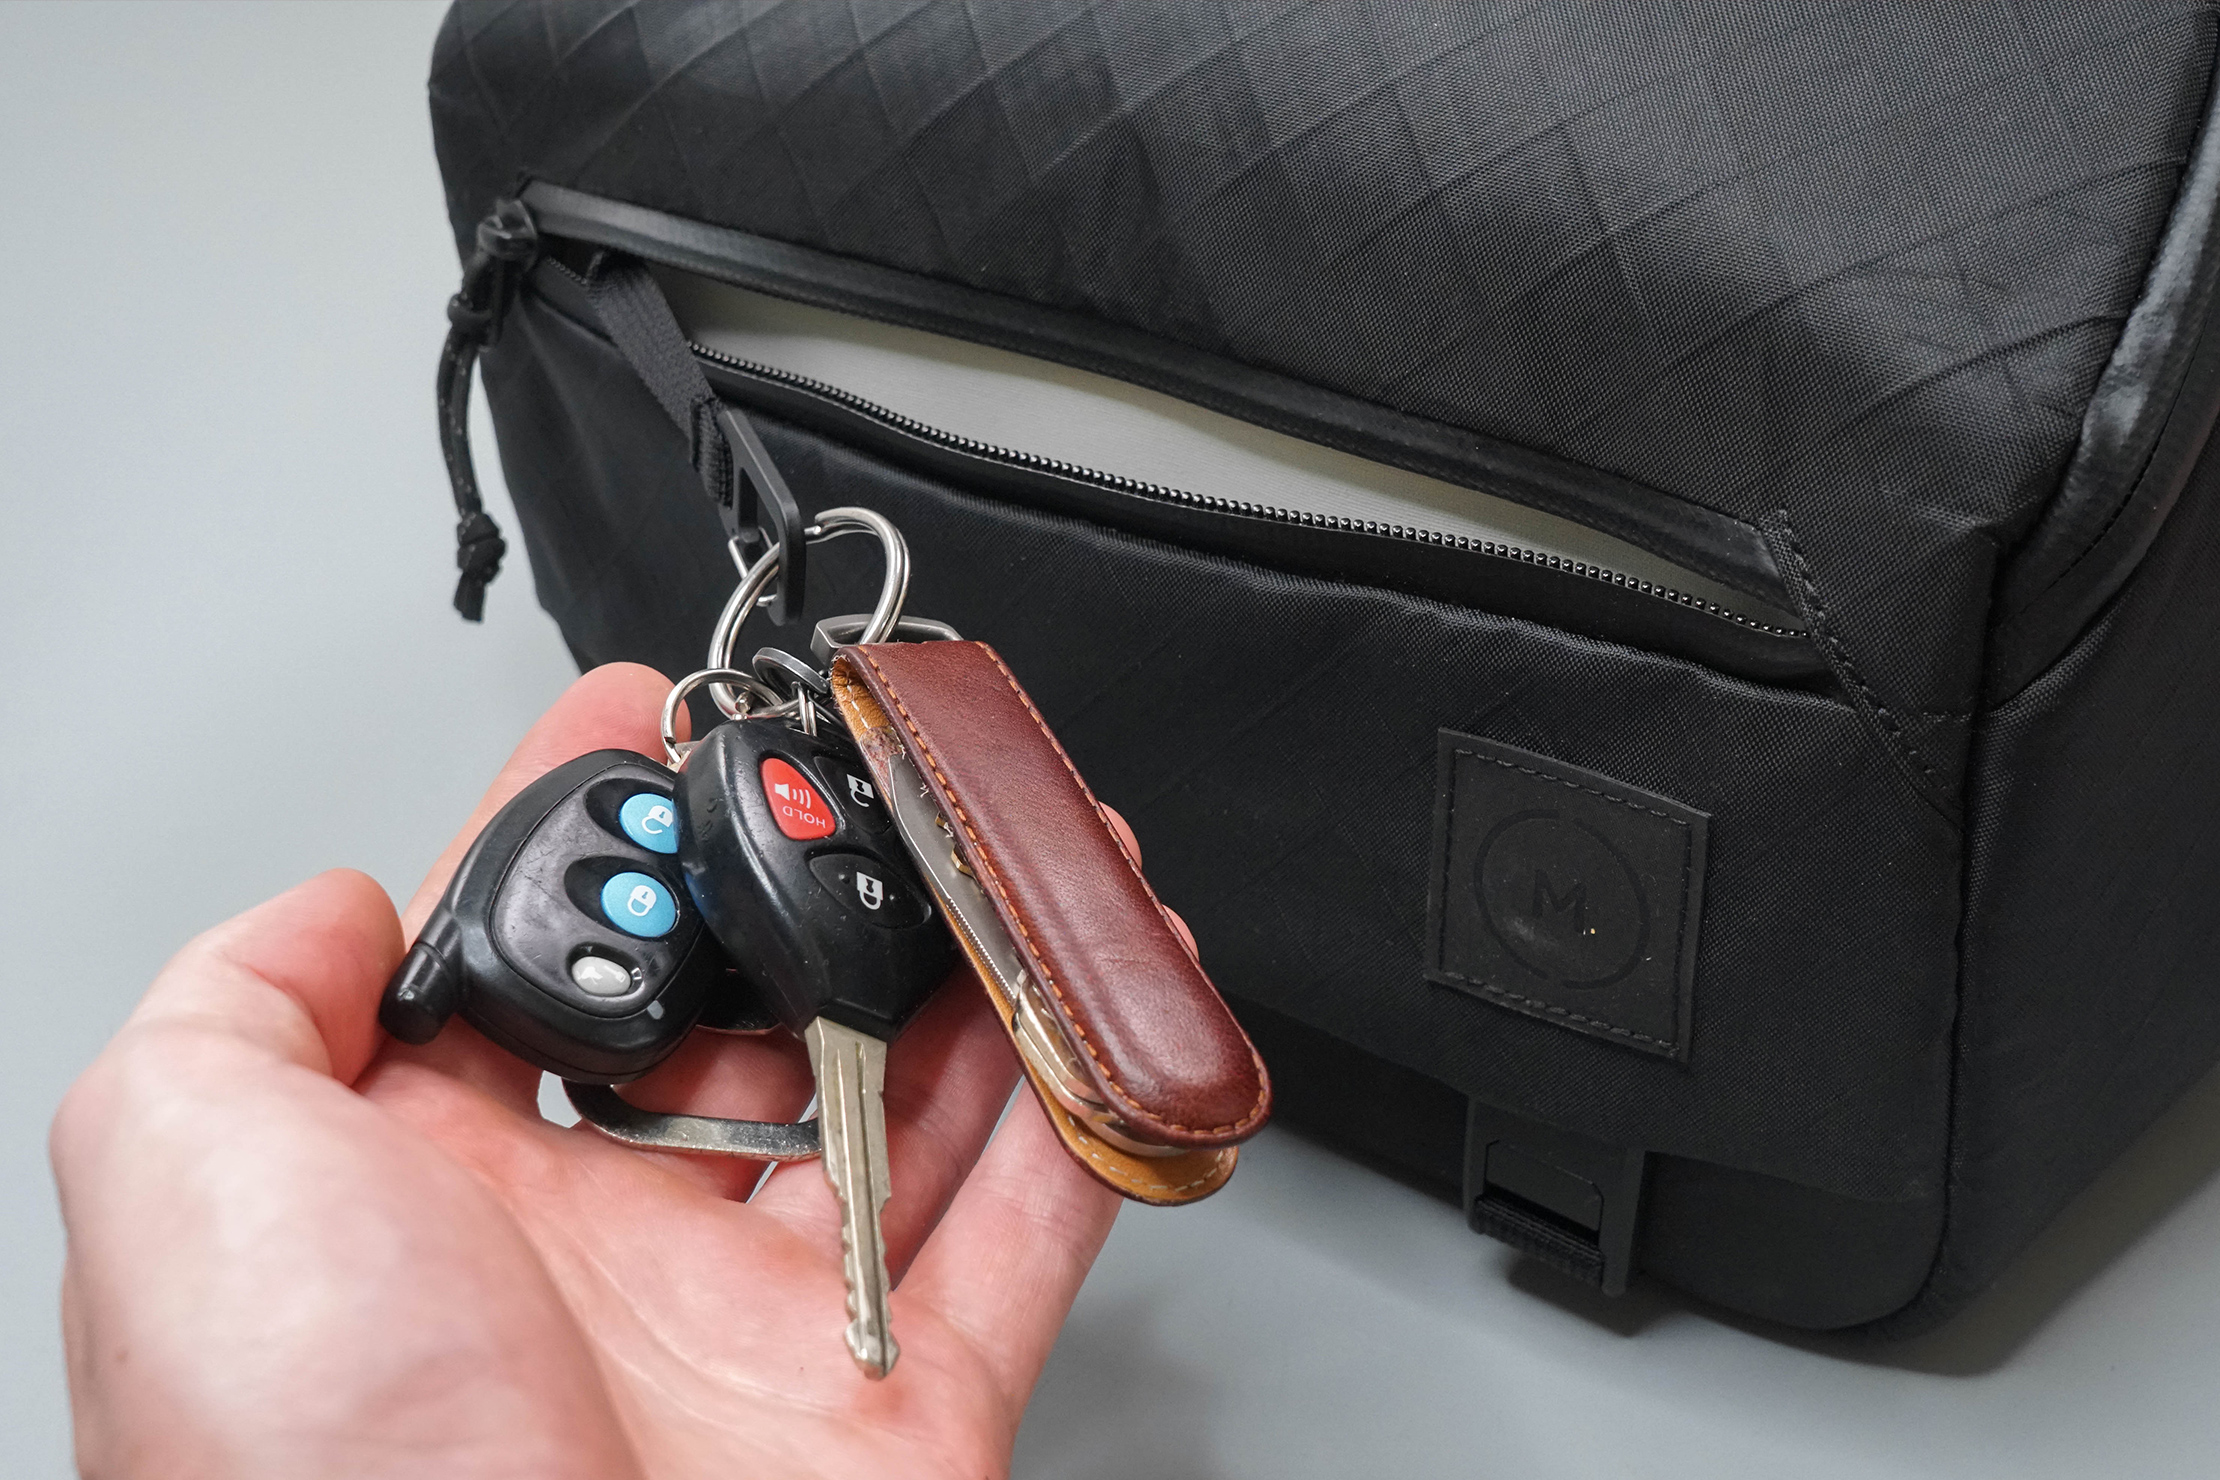 Moment Rugged Camera Sling 6L Front Pocket